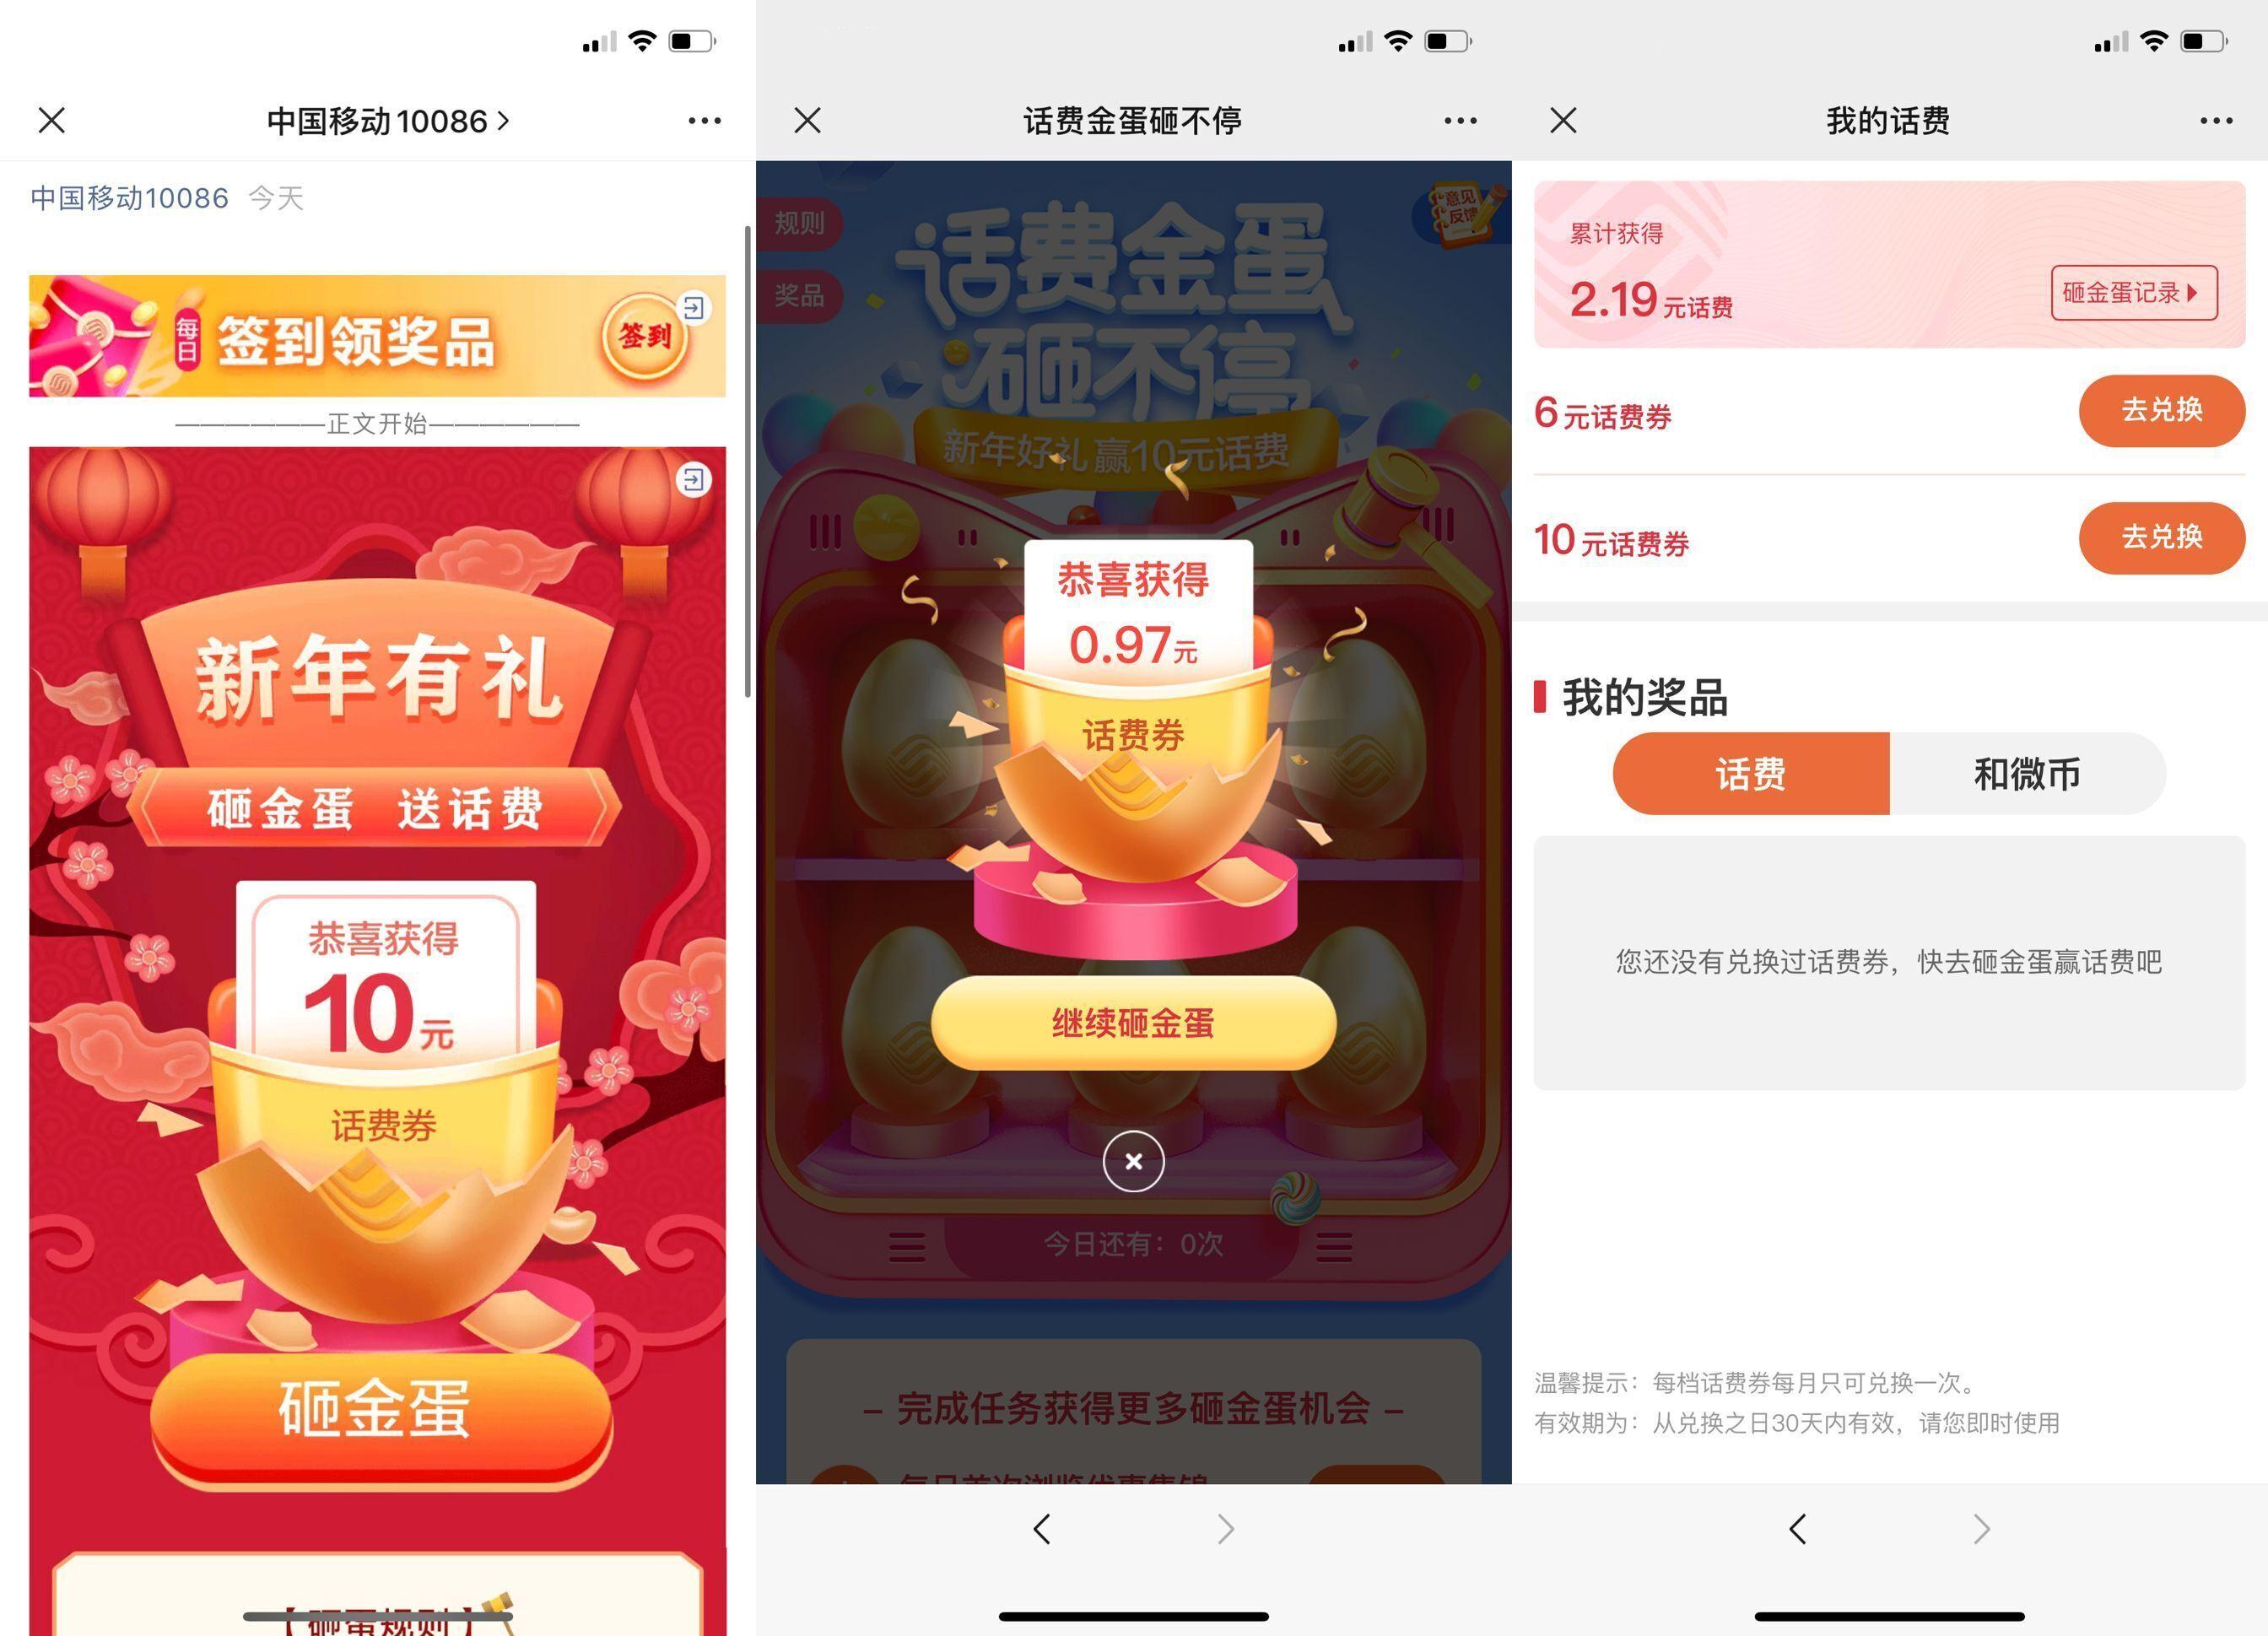 中国移动10086每日抽话费券